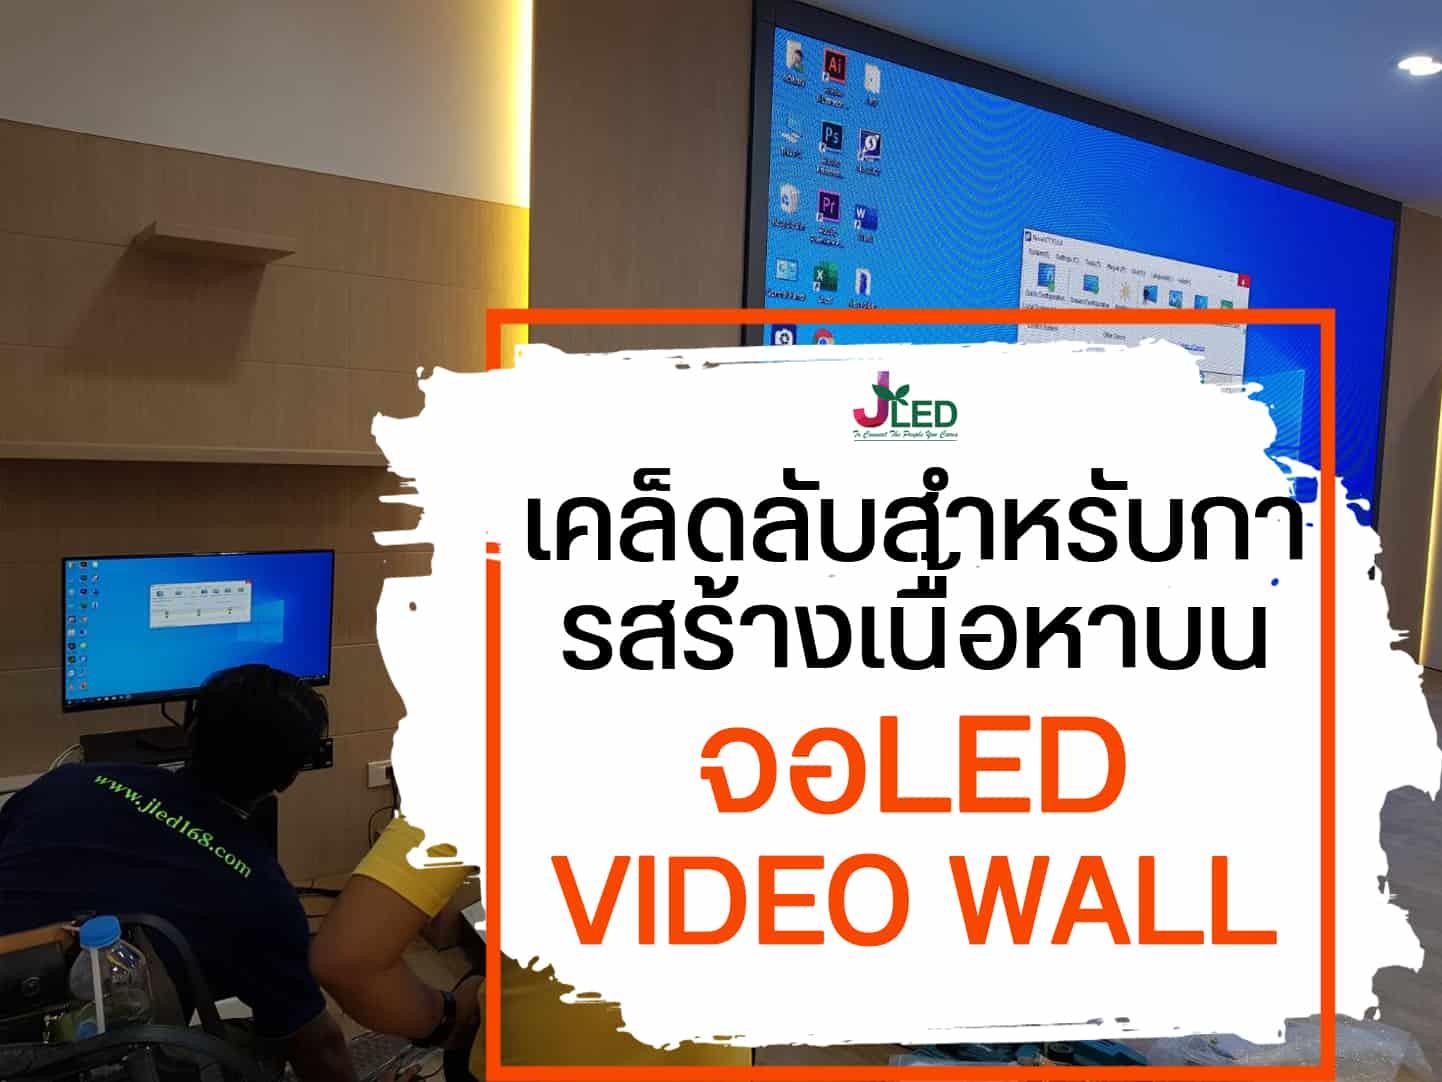 เคล็ดลับสำหรับการสร้างเนื้อหาบน จอLED VIDEO WALL